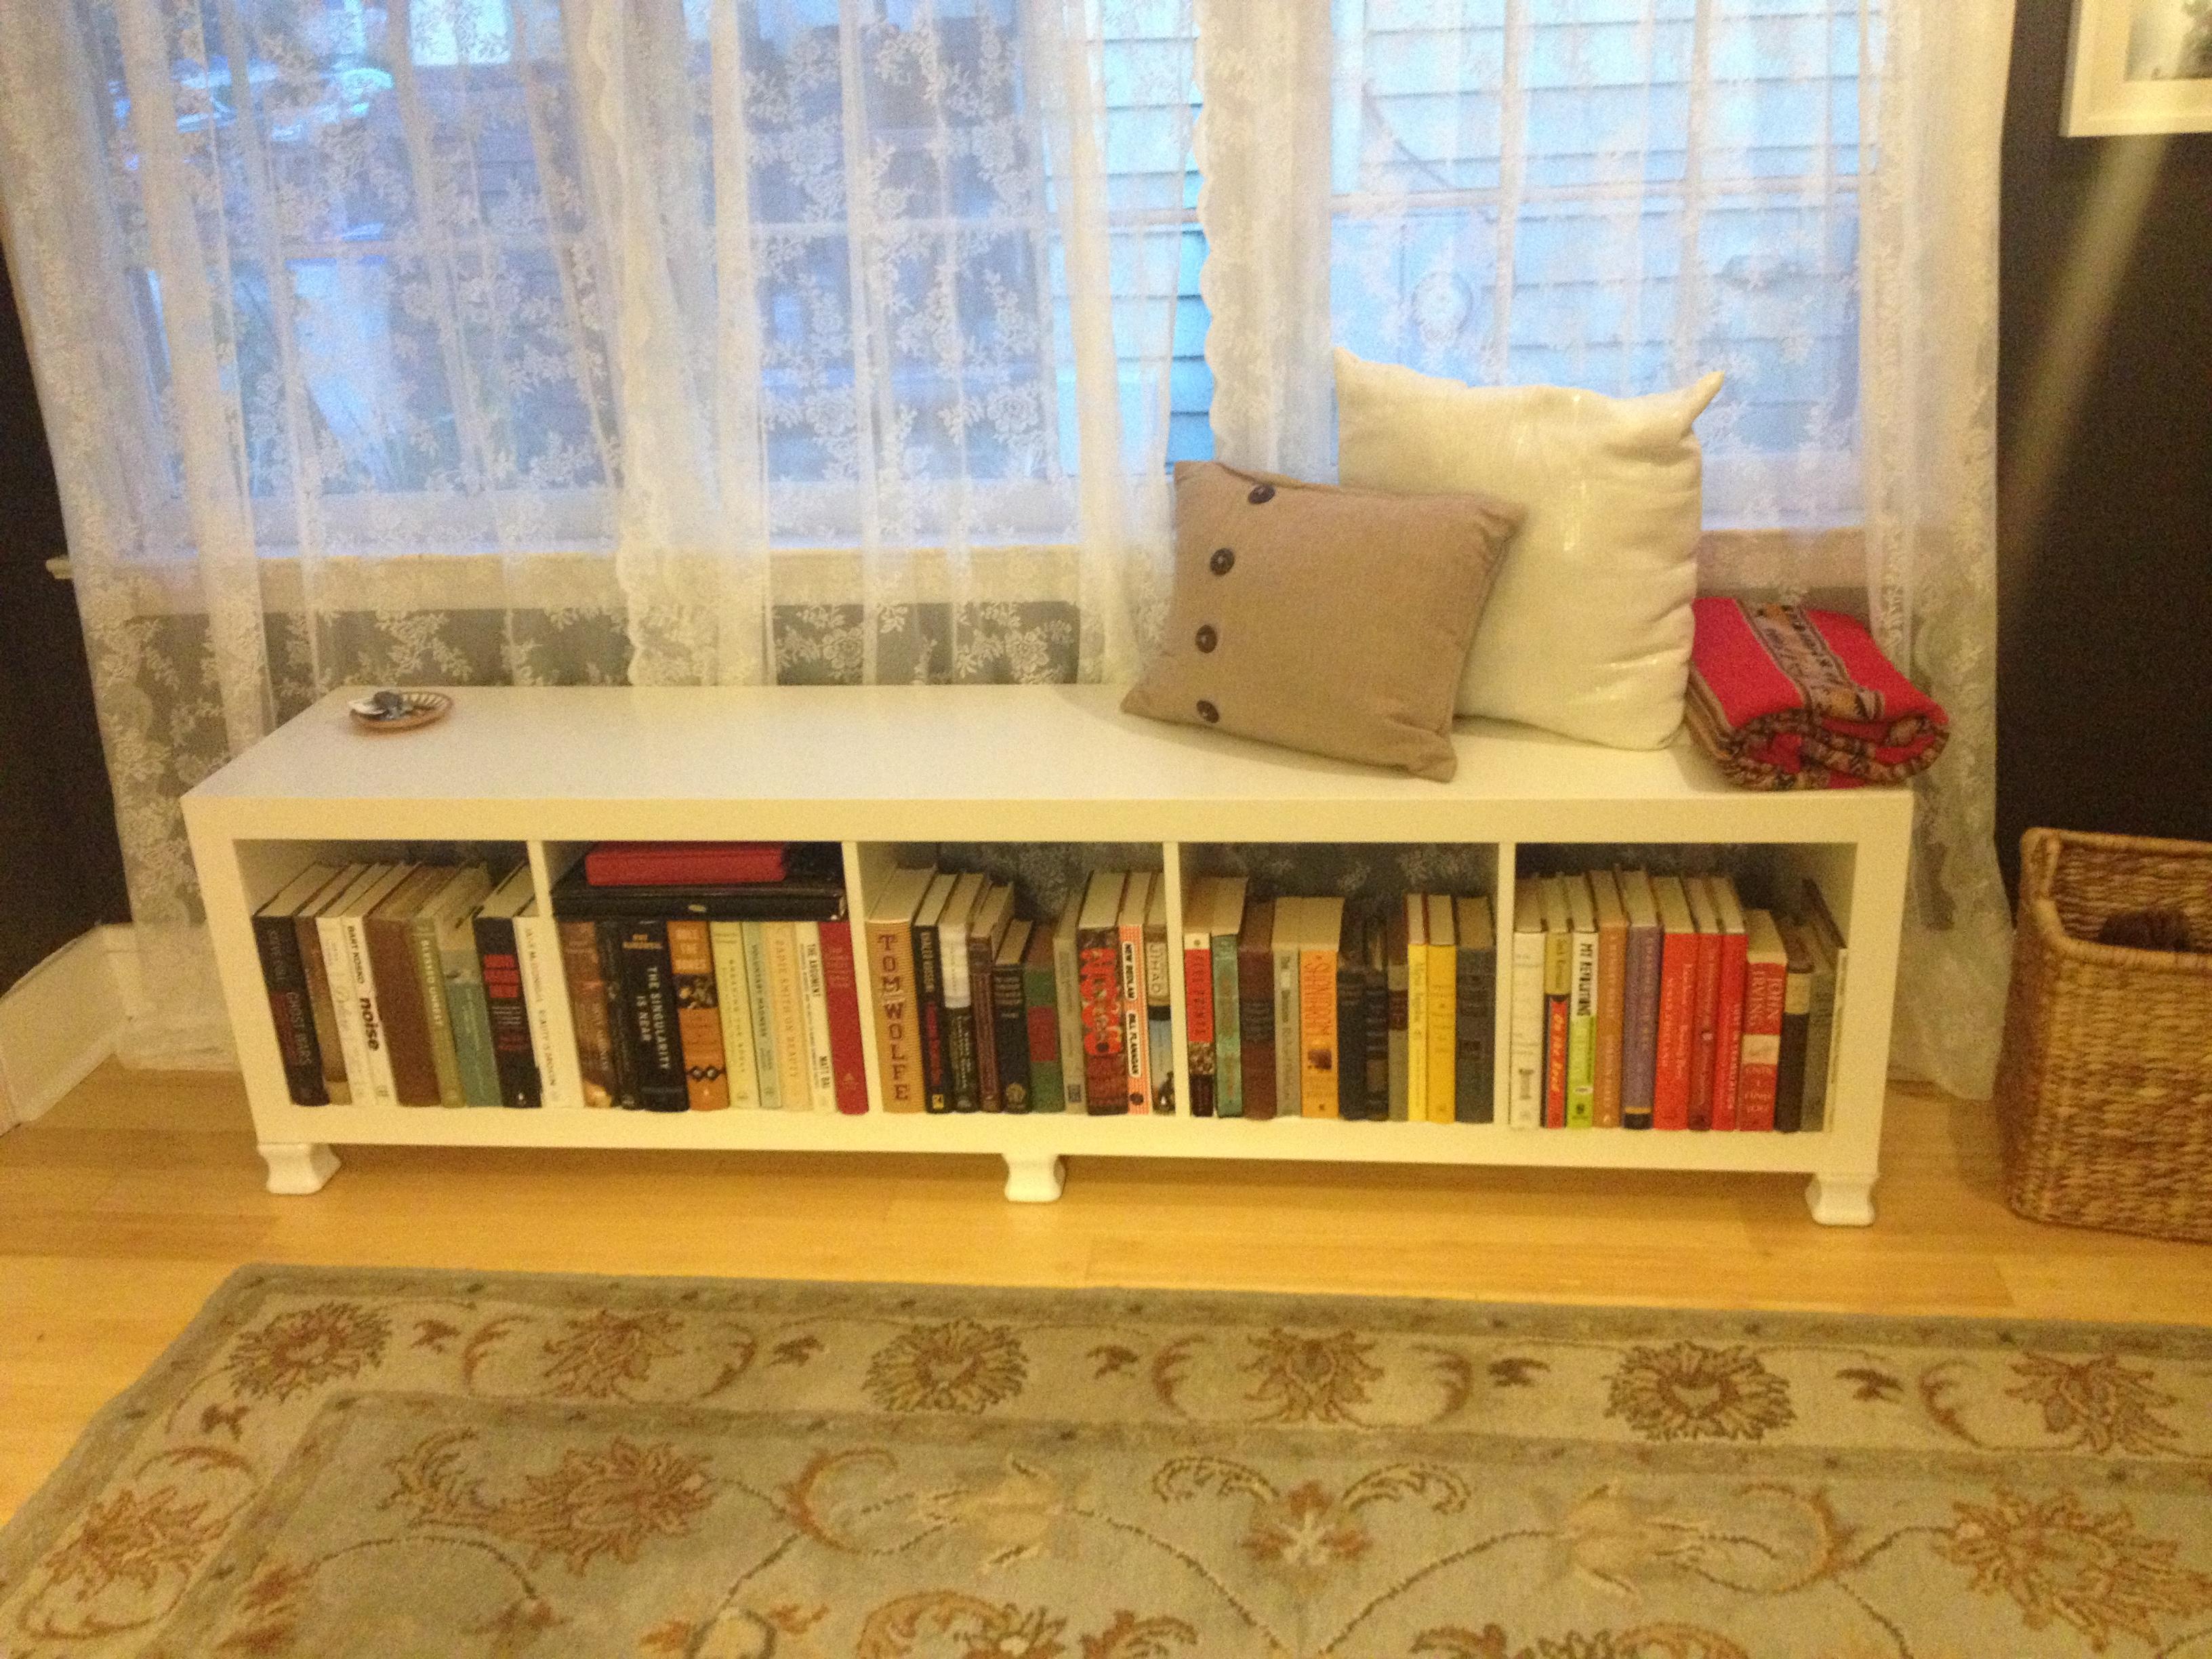 ikea expedit hack bench images. Black Bedroom Furniture Sets. Home Design Ideas